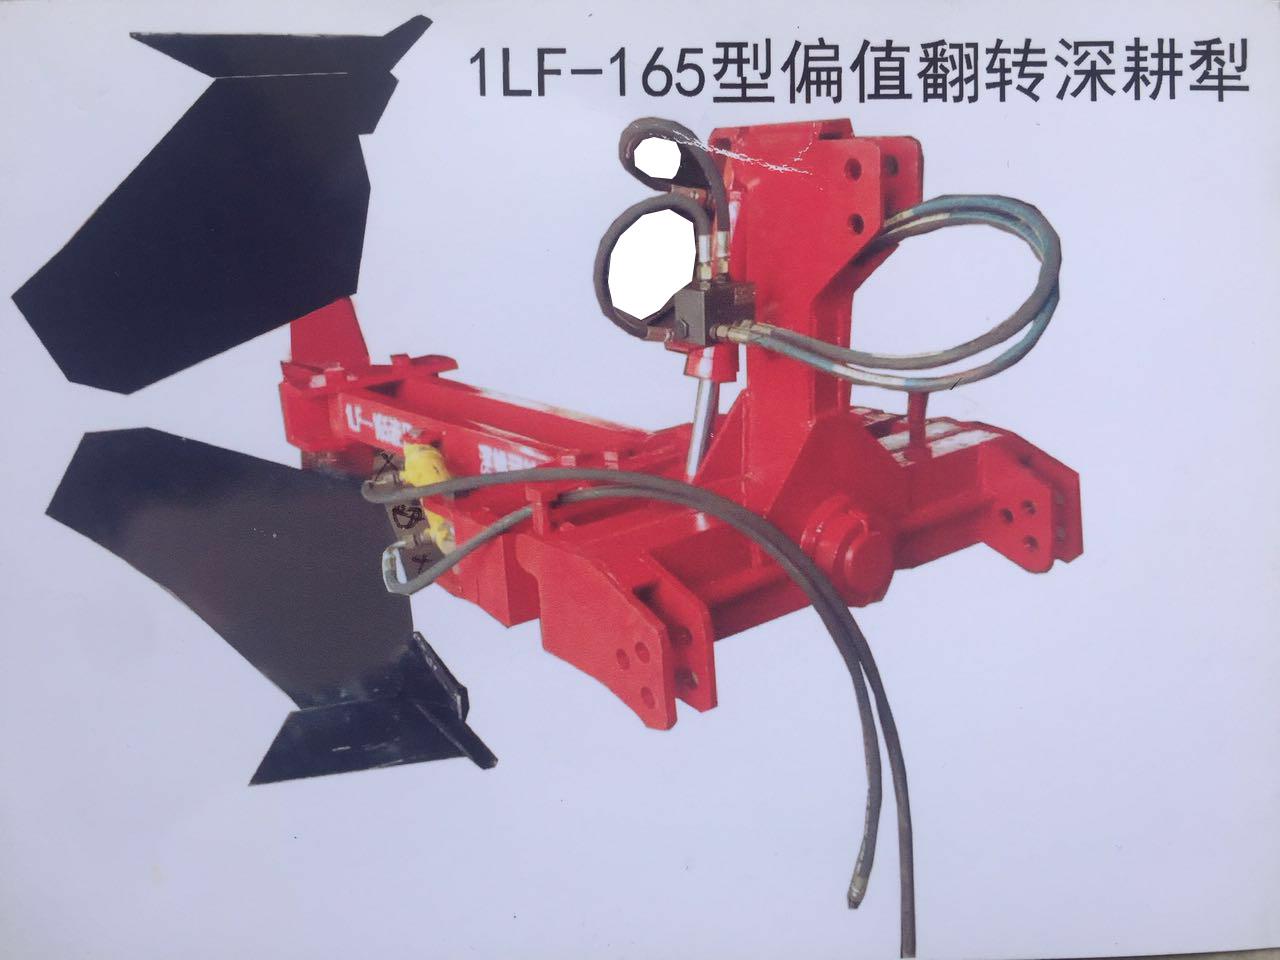 1LF-165型偏值亿博app下载安装深耕犁